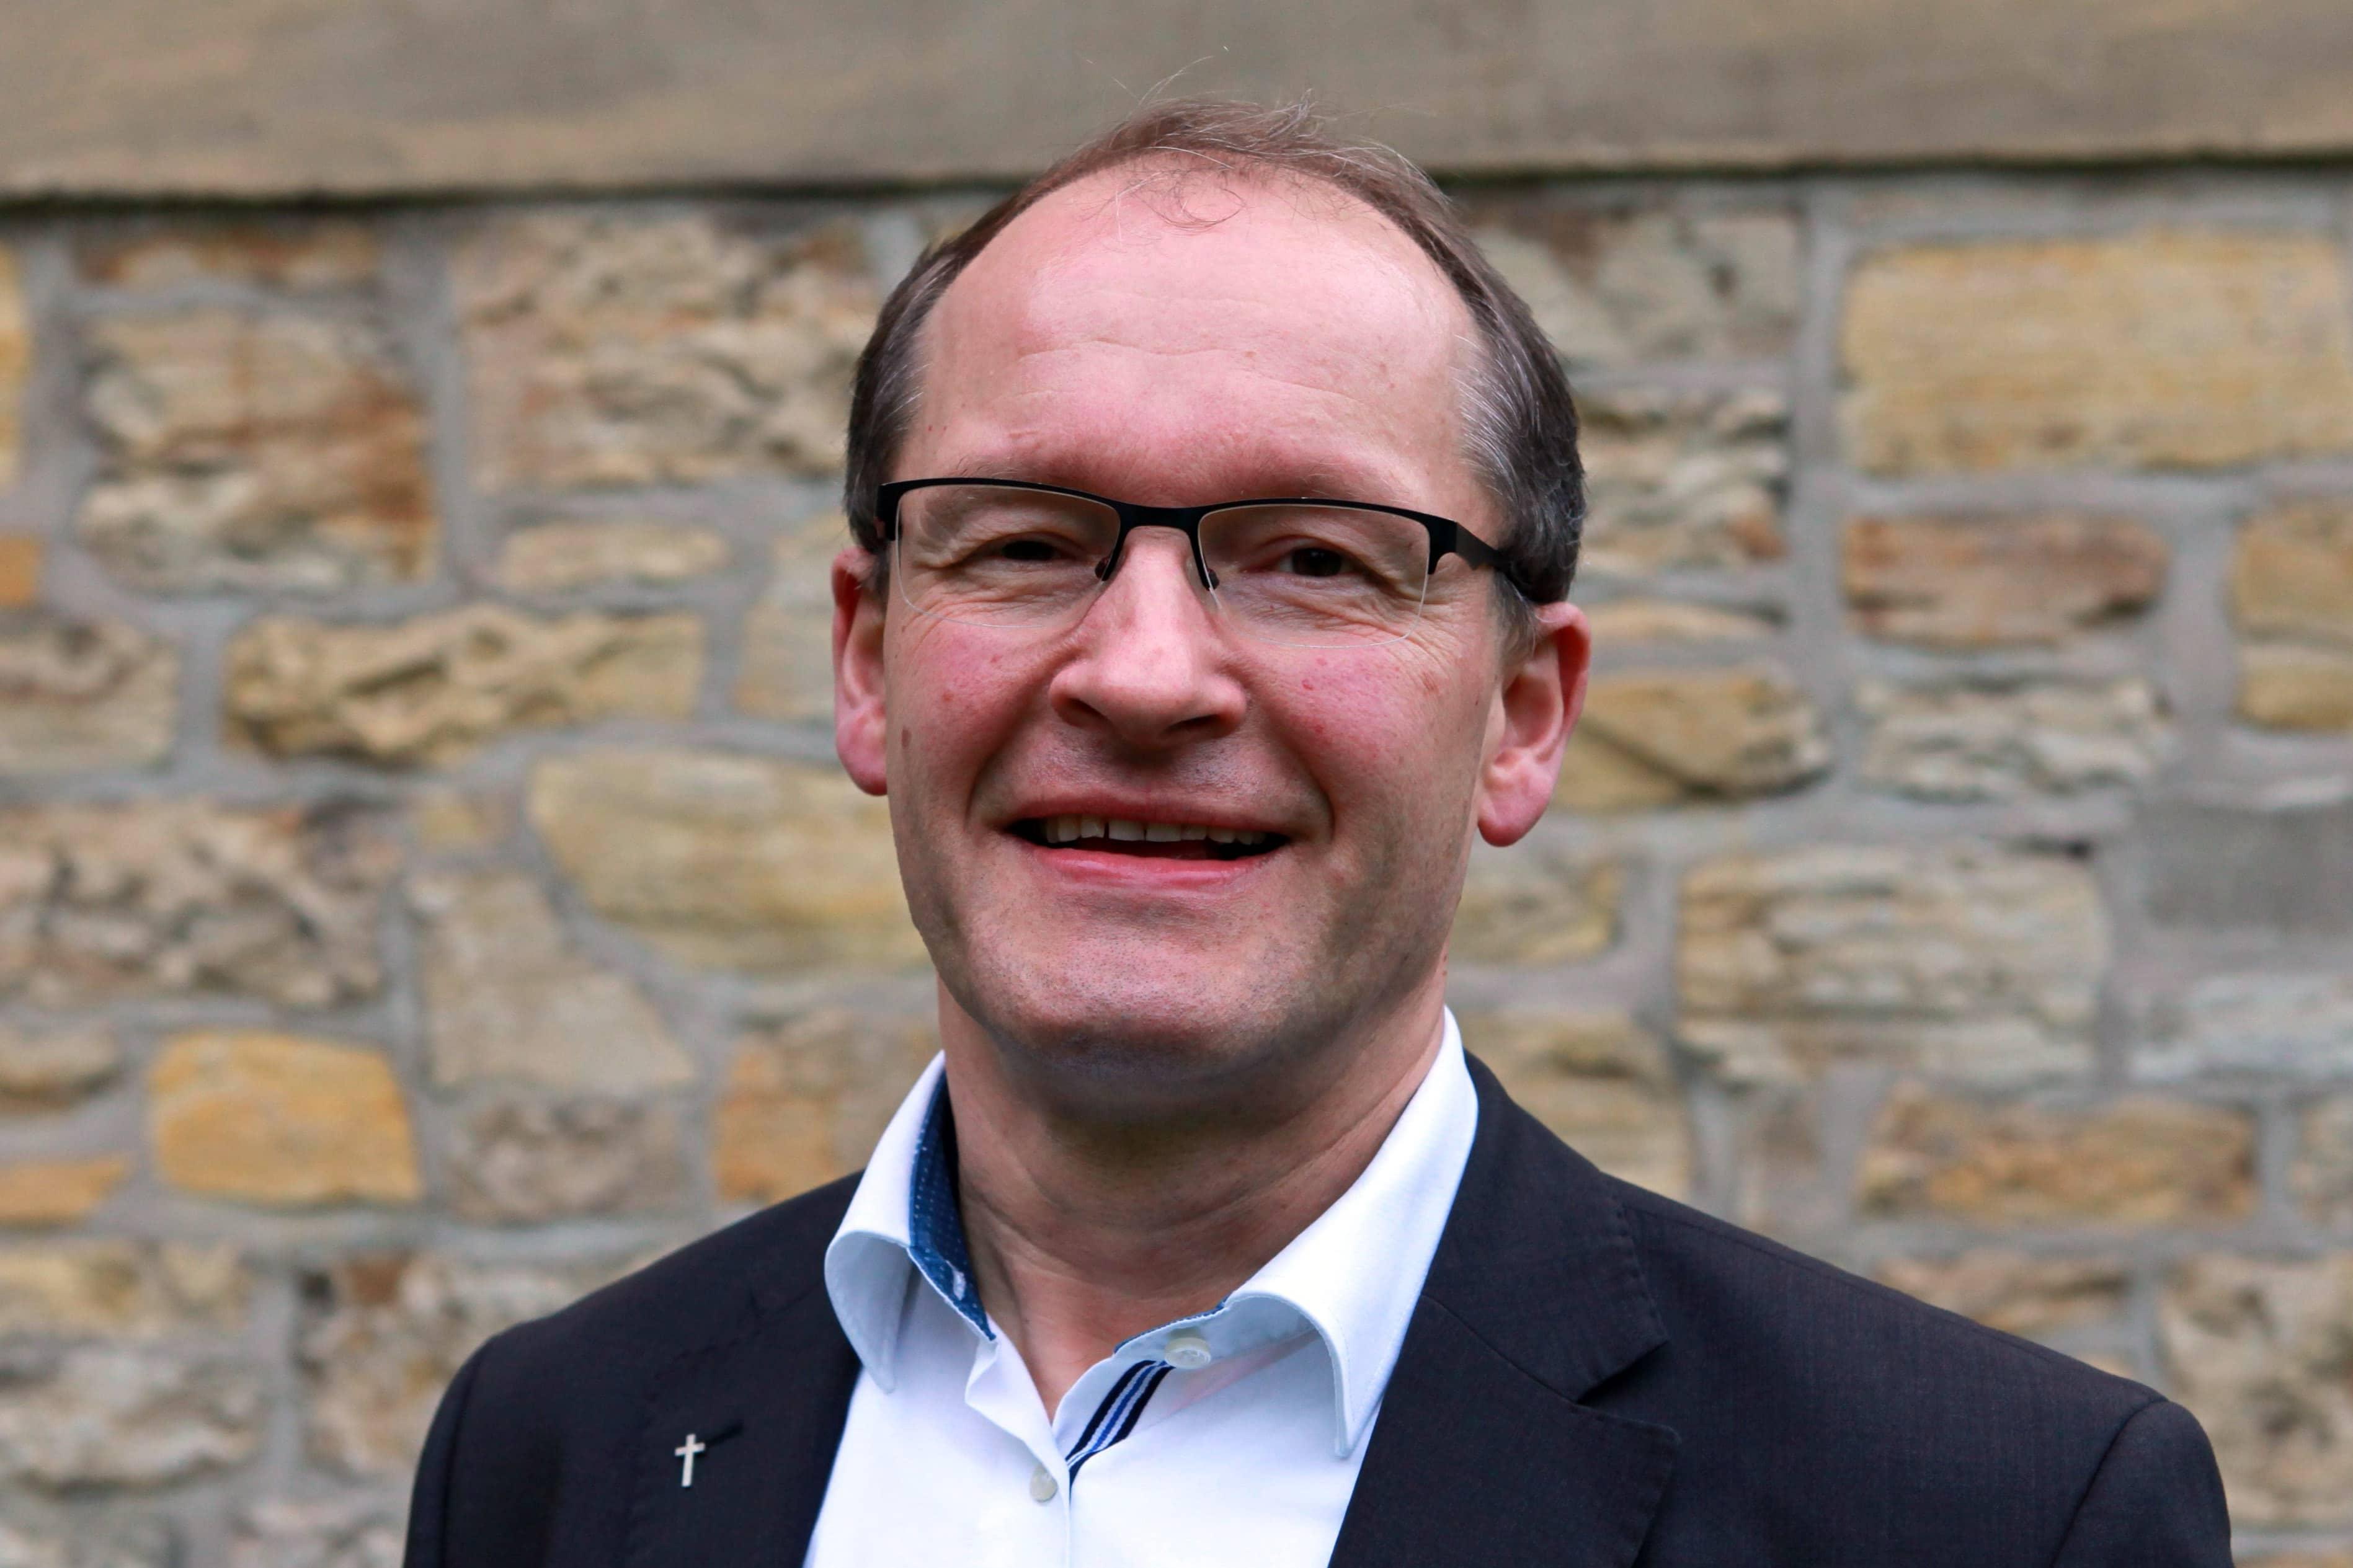 Ulrich Beckwermert